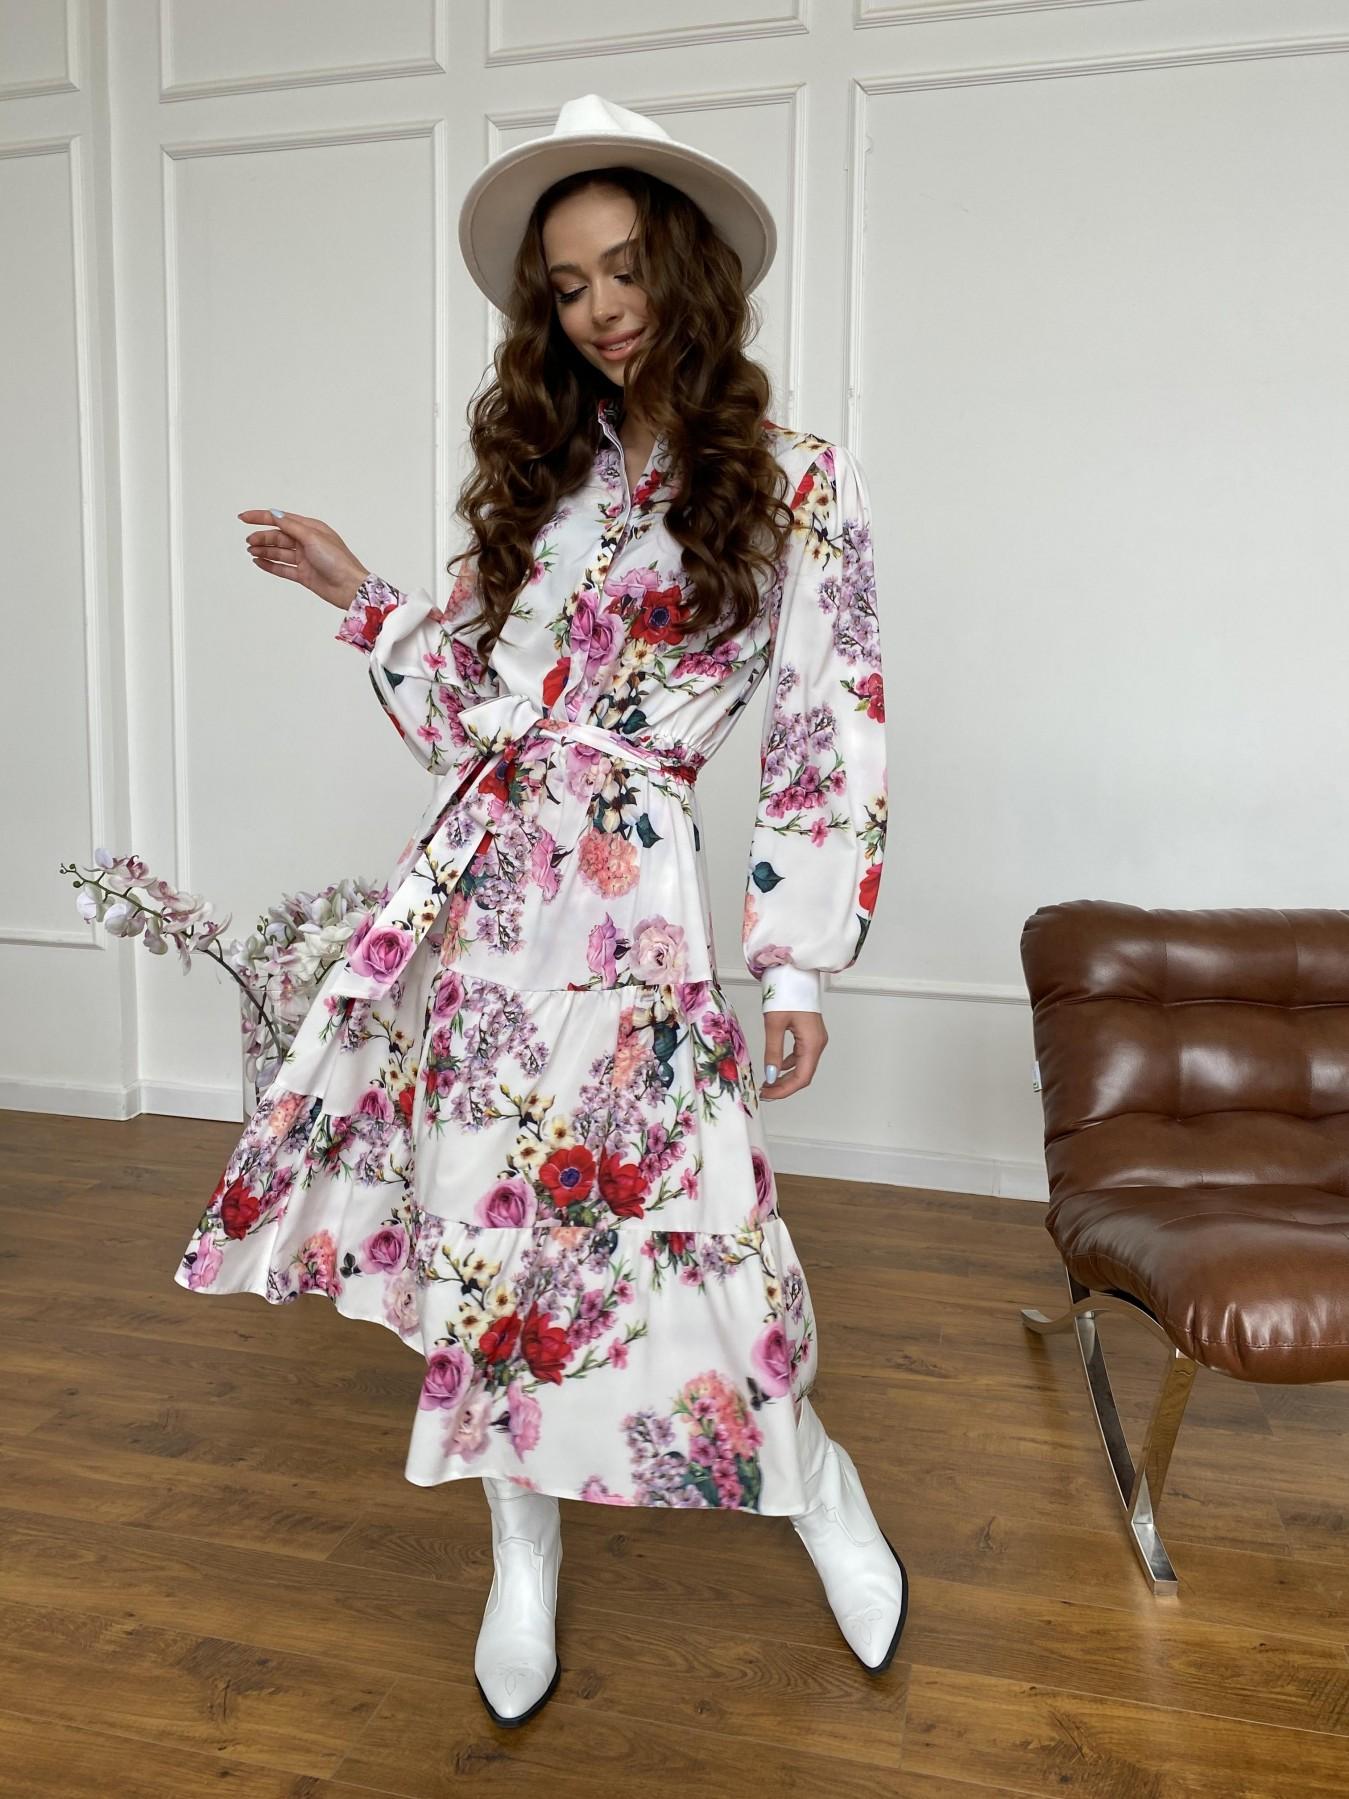 Лилия платье  софт принт бистрейч 11171 АРТ. 47709 Цвет: ВесенБукетМол/Роз/Крас - фото 6, интернет магазин tm-modus.ru